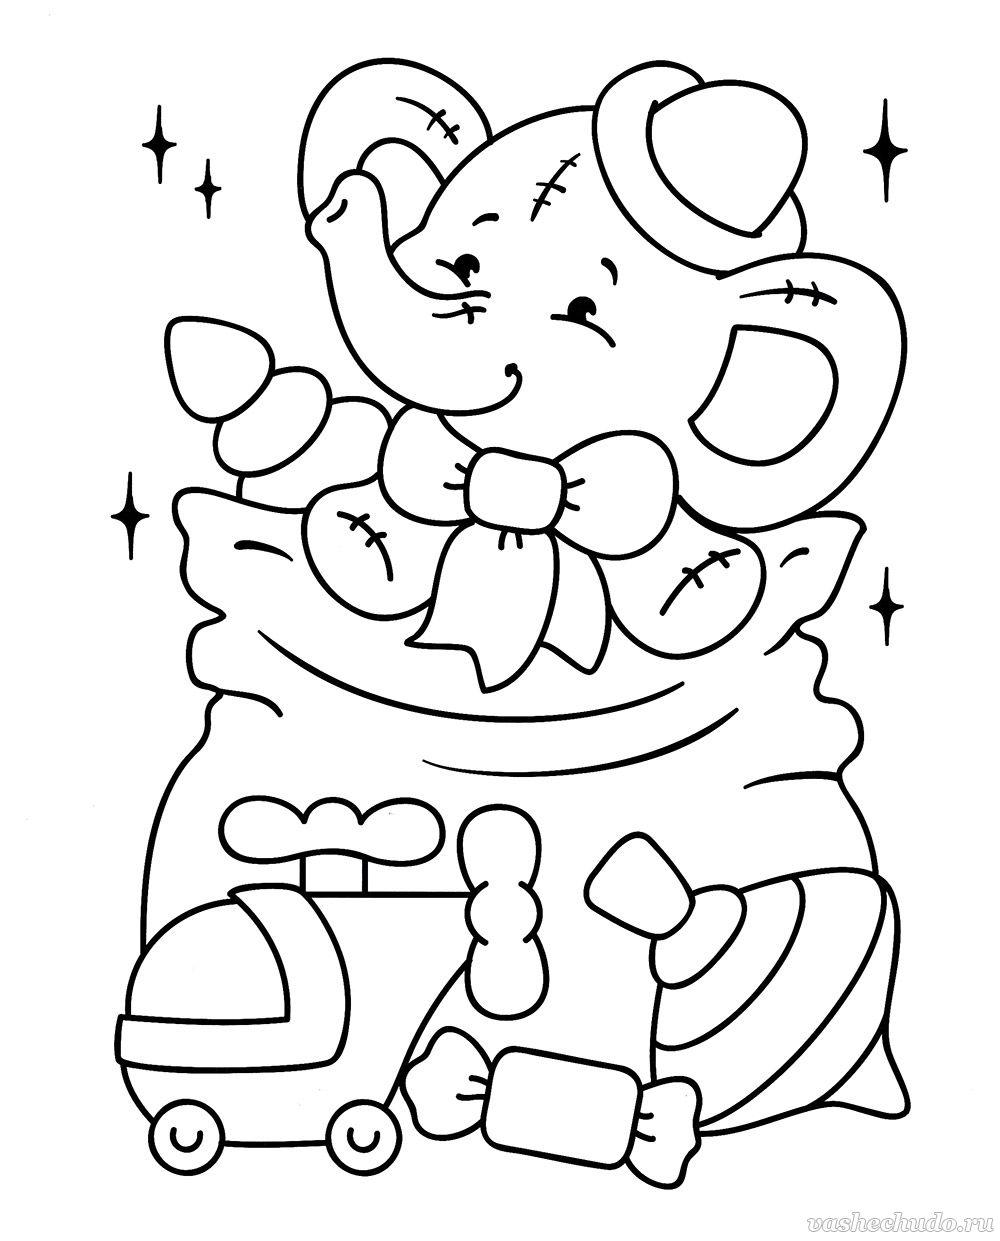 Раскраска для детей 4-6 лет. Новогодний мешок с подарками